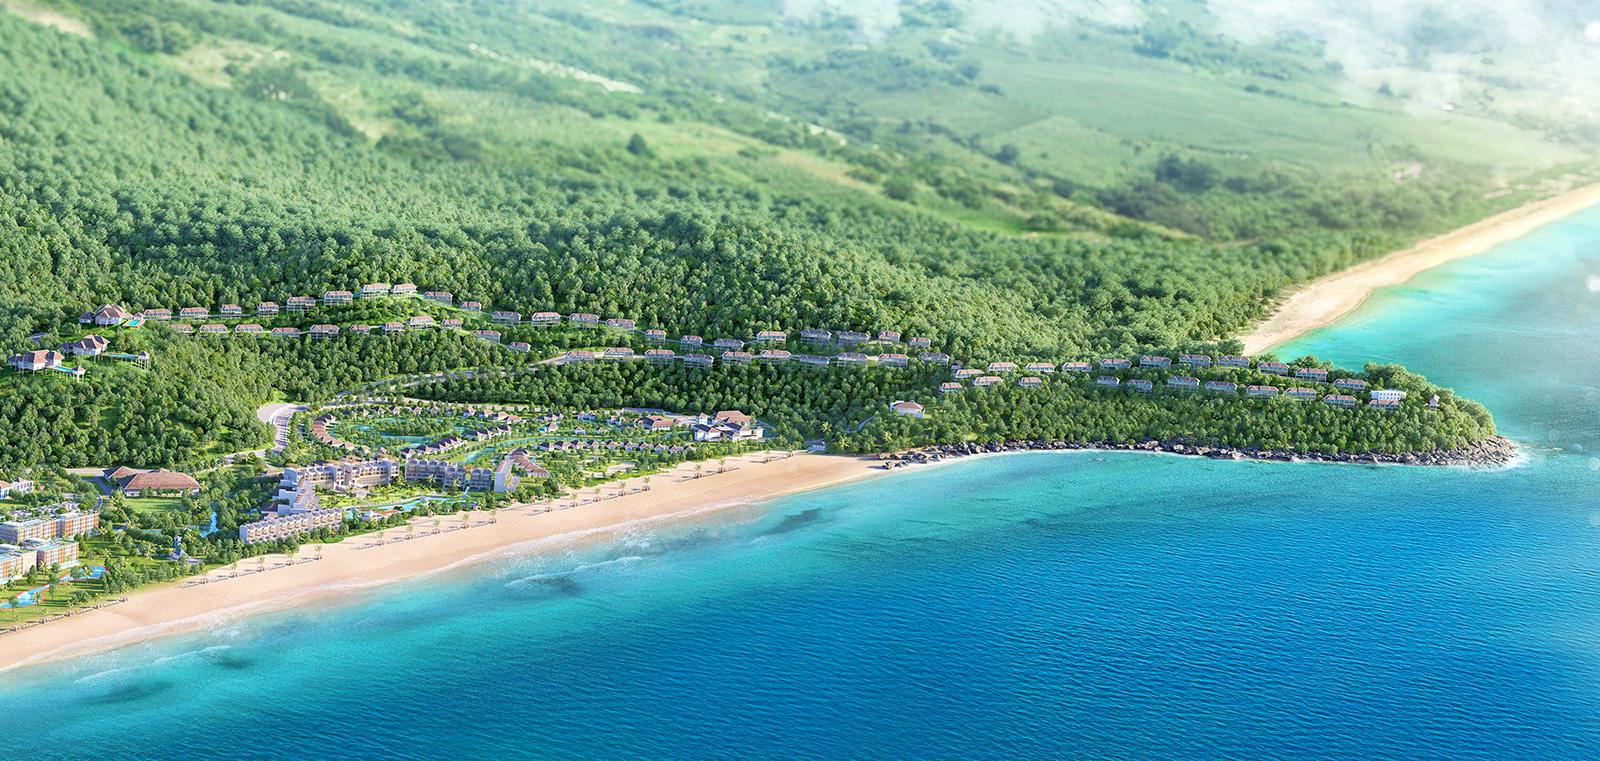 Bán dự án đất nền 6,5ha tại thị xã LaGi, tỉnh Bình Thuận